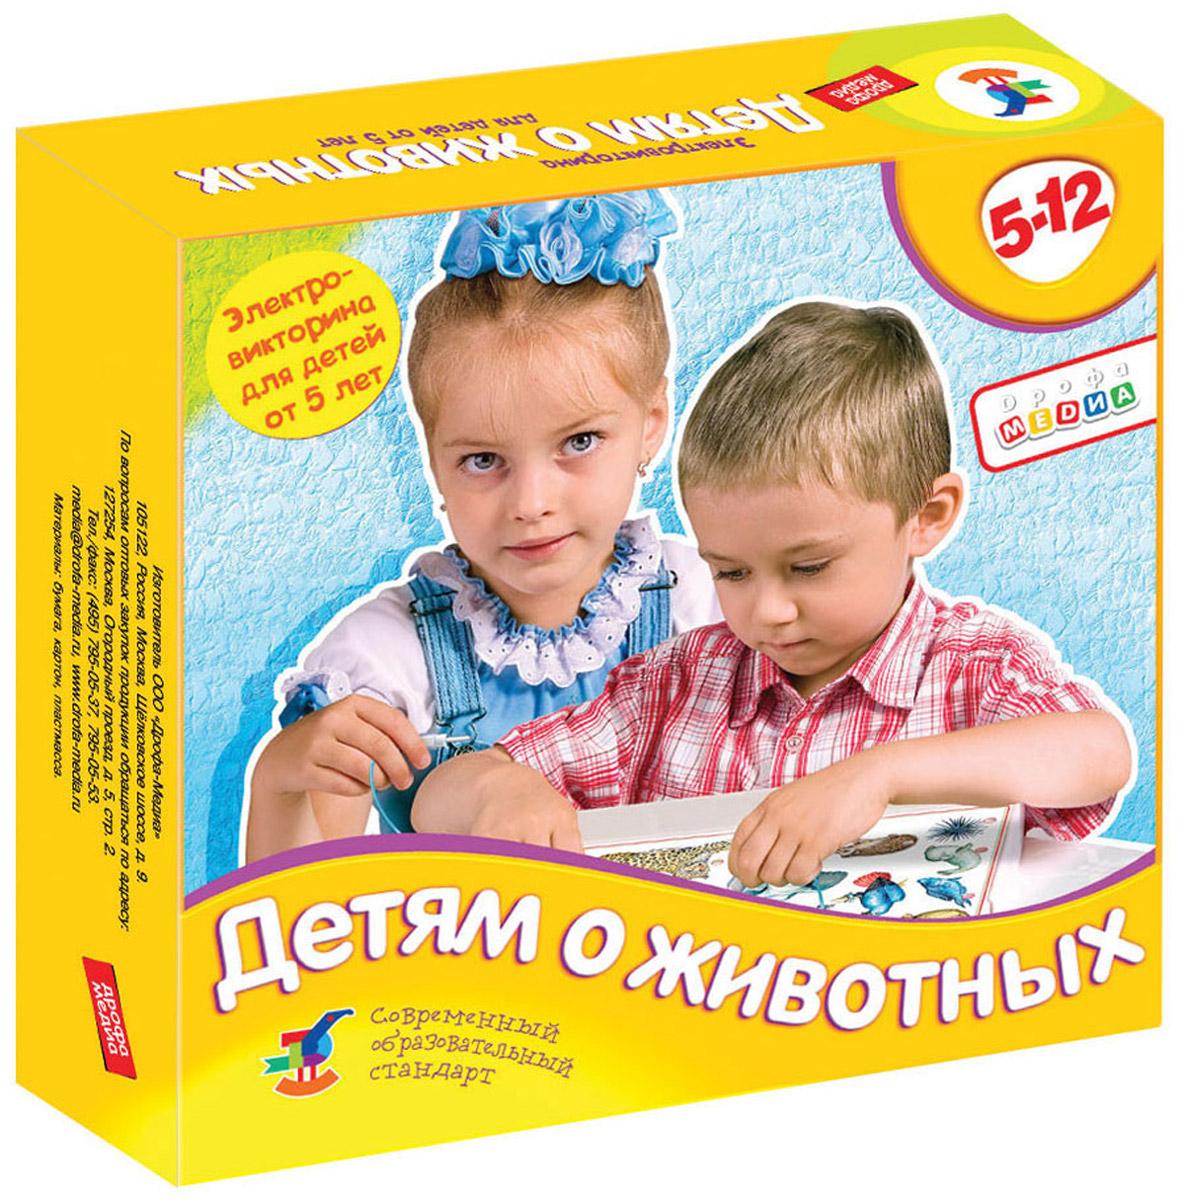 Дрофа-Медиа Электровикторина Детям о животных цвет коробки желтый